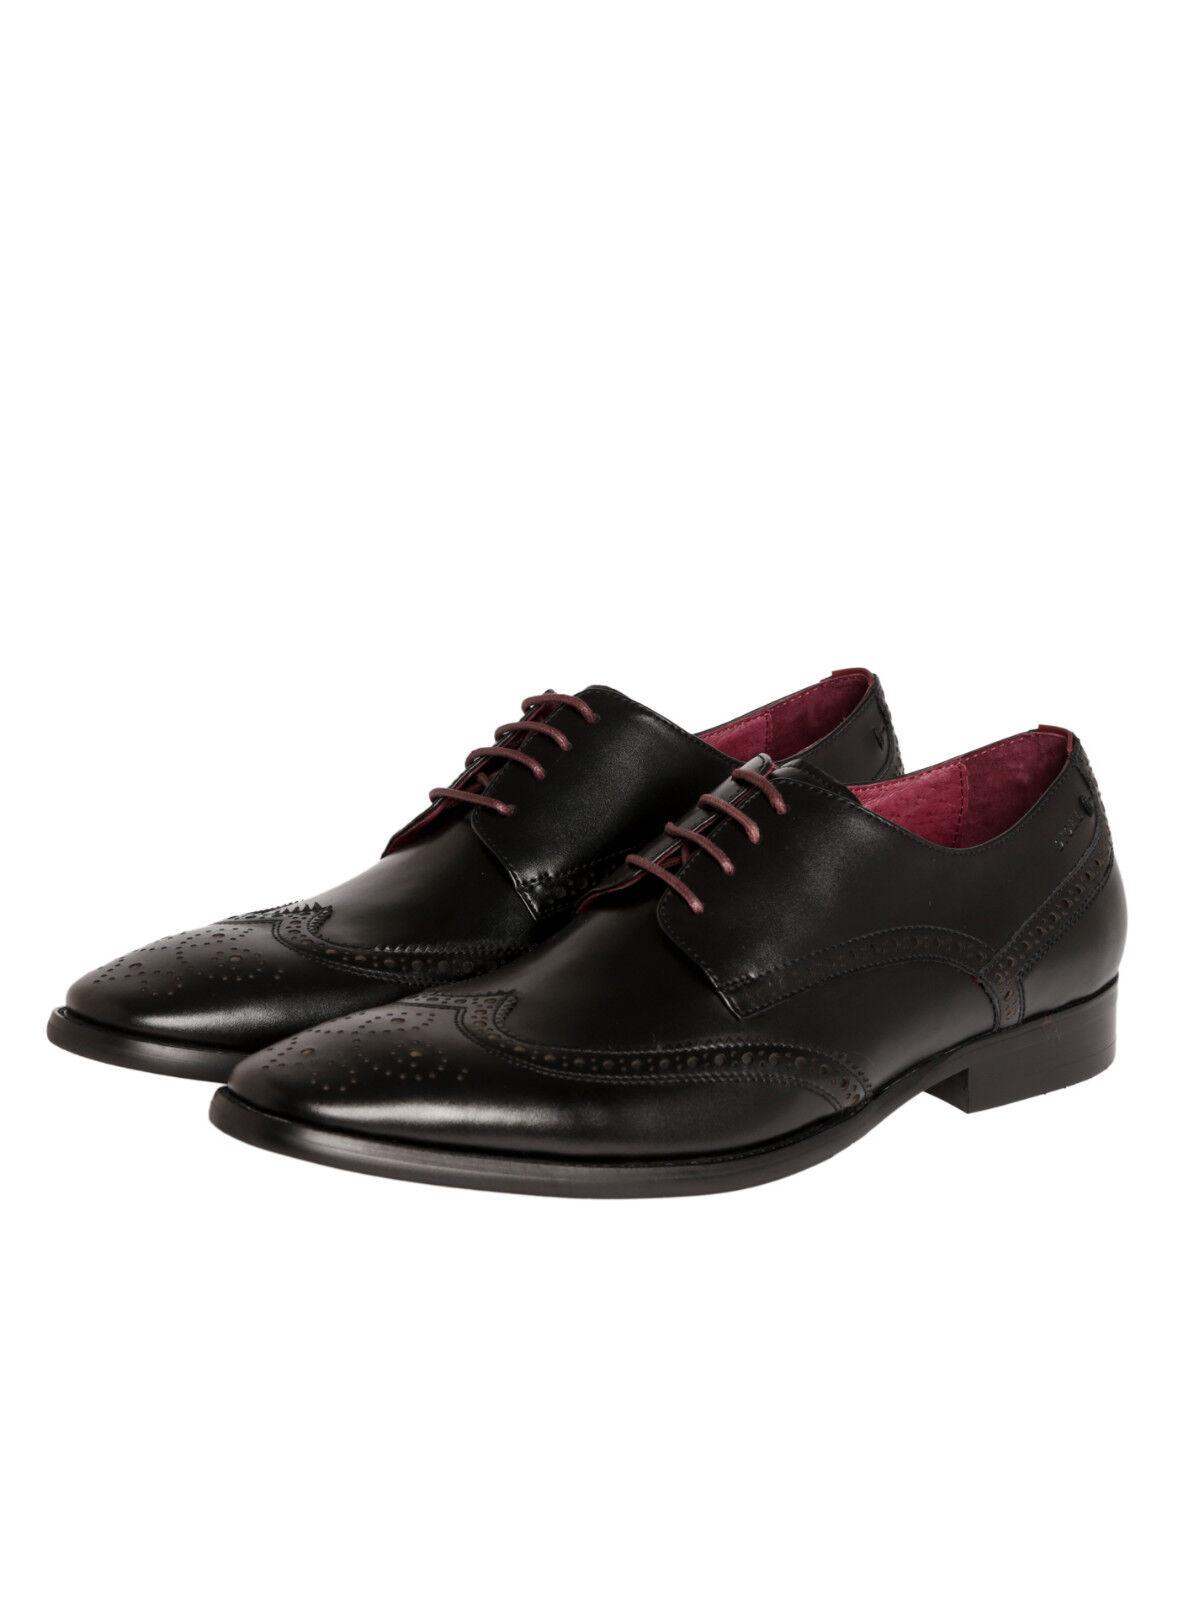 Scarpa all'inglese Nera Digel in vera Pelle modello Derby in tutte le Misure Scarpe classiche da uomo